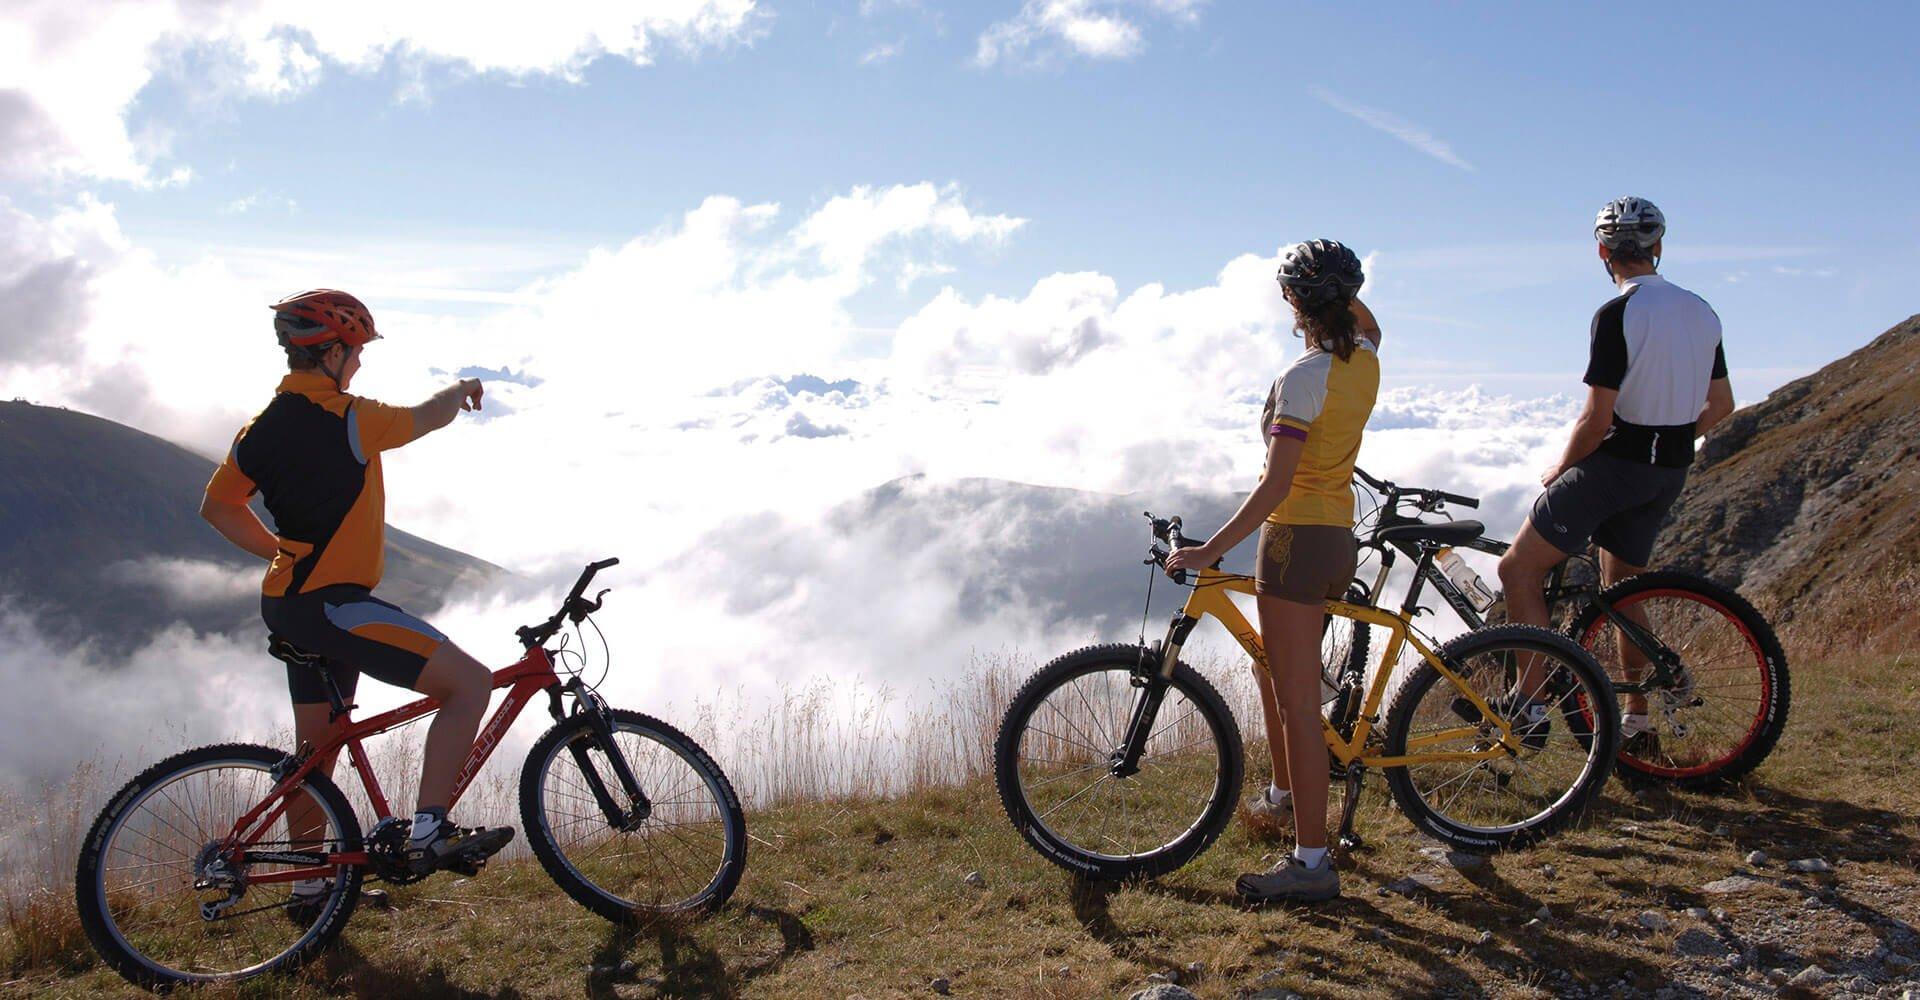 Mountainbiken auf der Alm 2